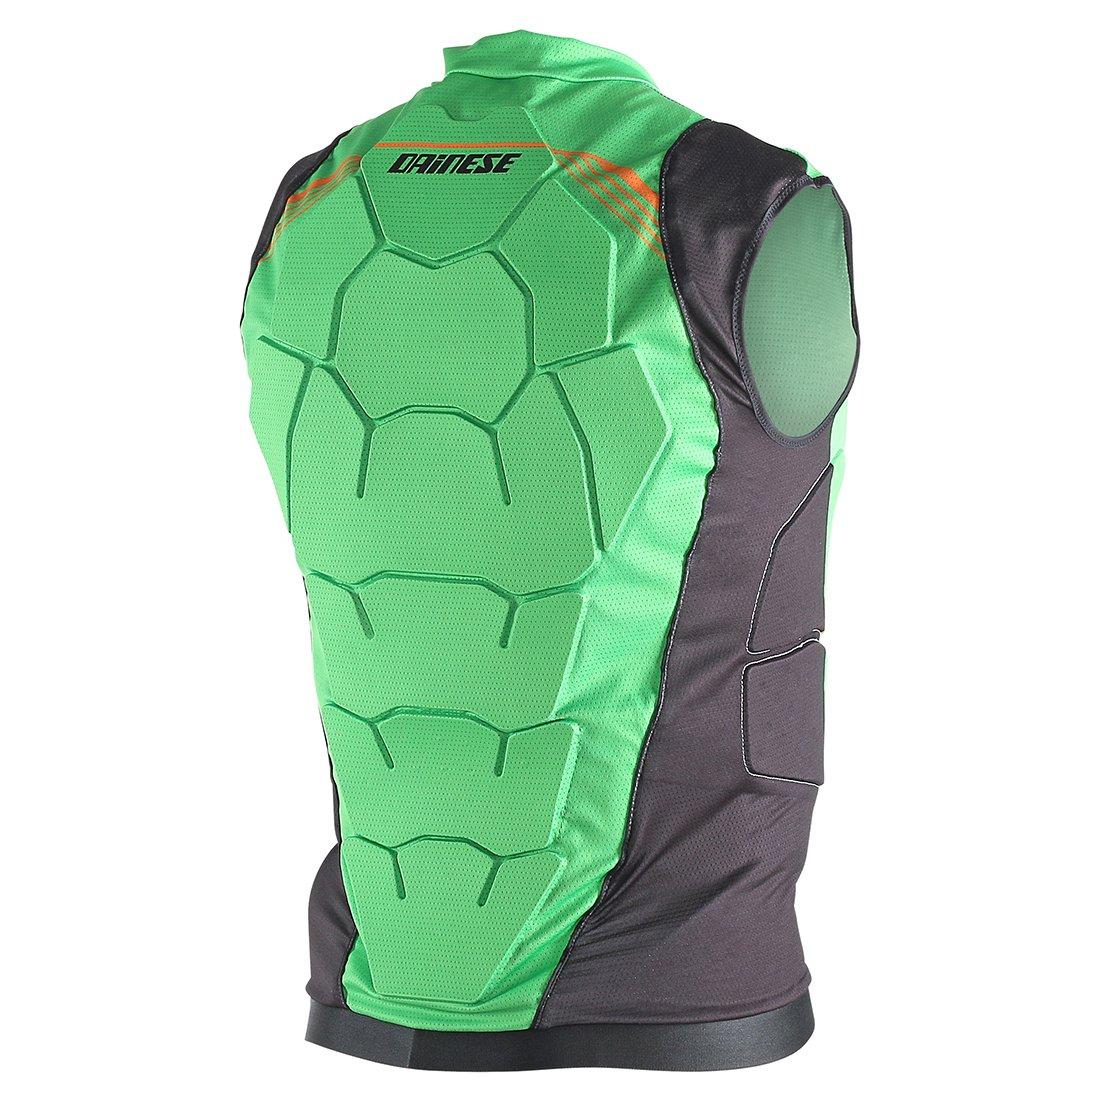 Dainese Herren Safety Waistcoat Soft Flex 4879916